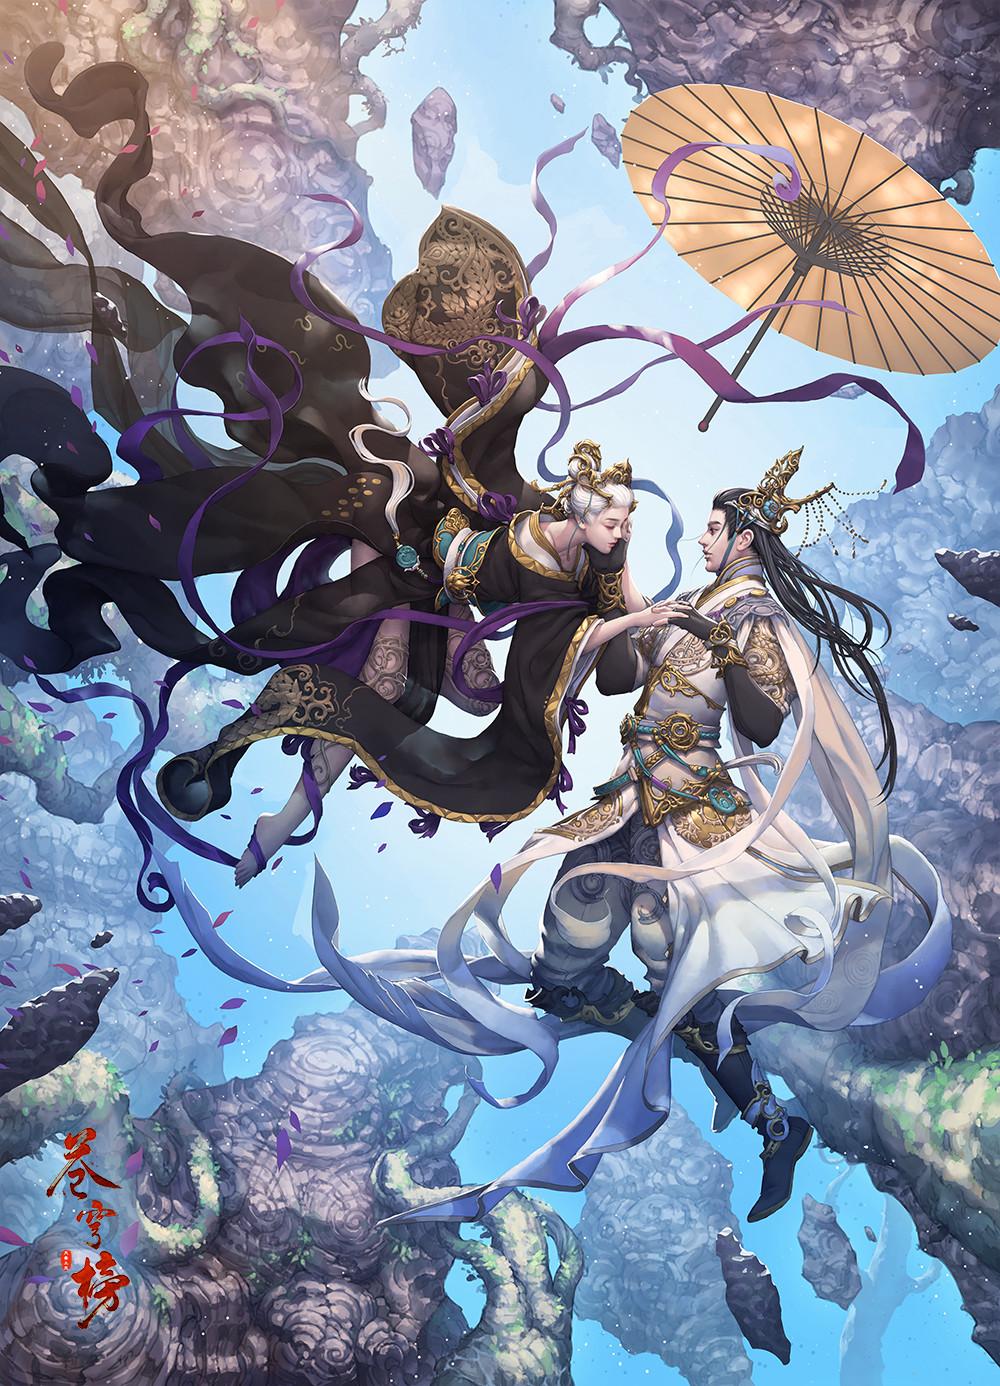 Ilustraciones en 3D inspiradas en la mitología china de Lange